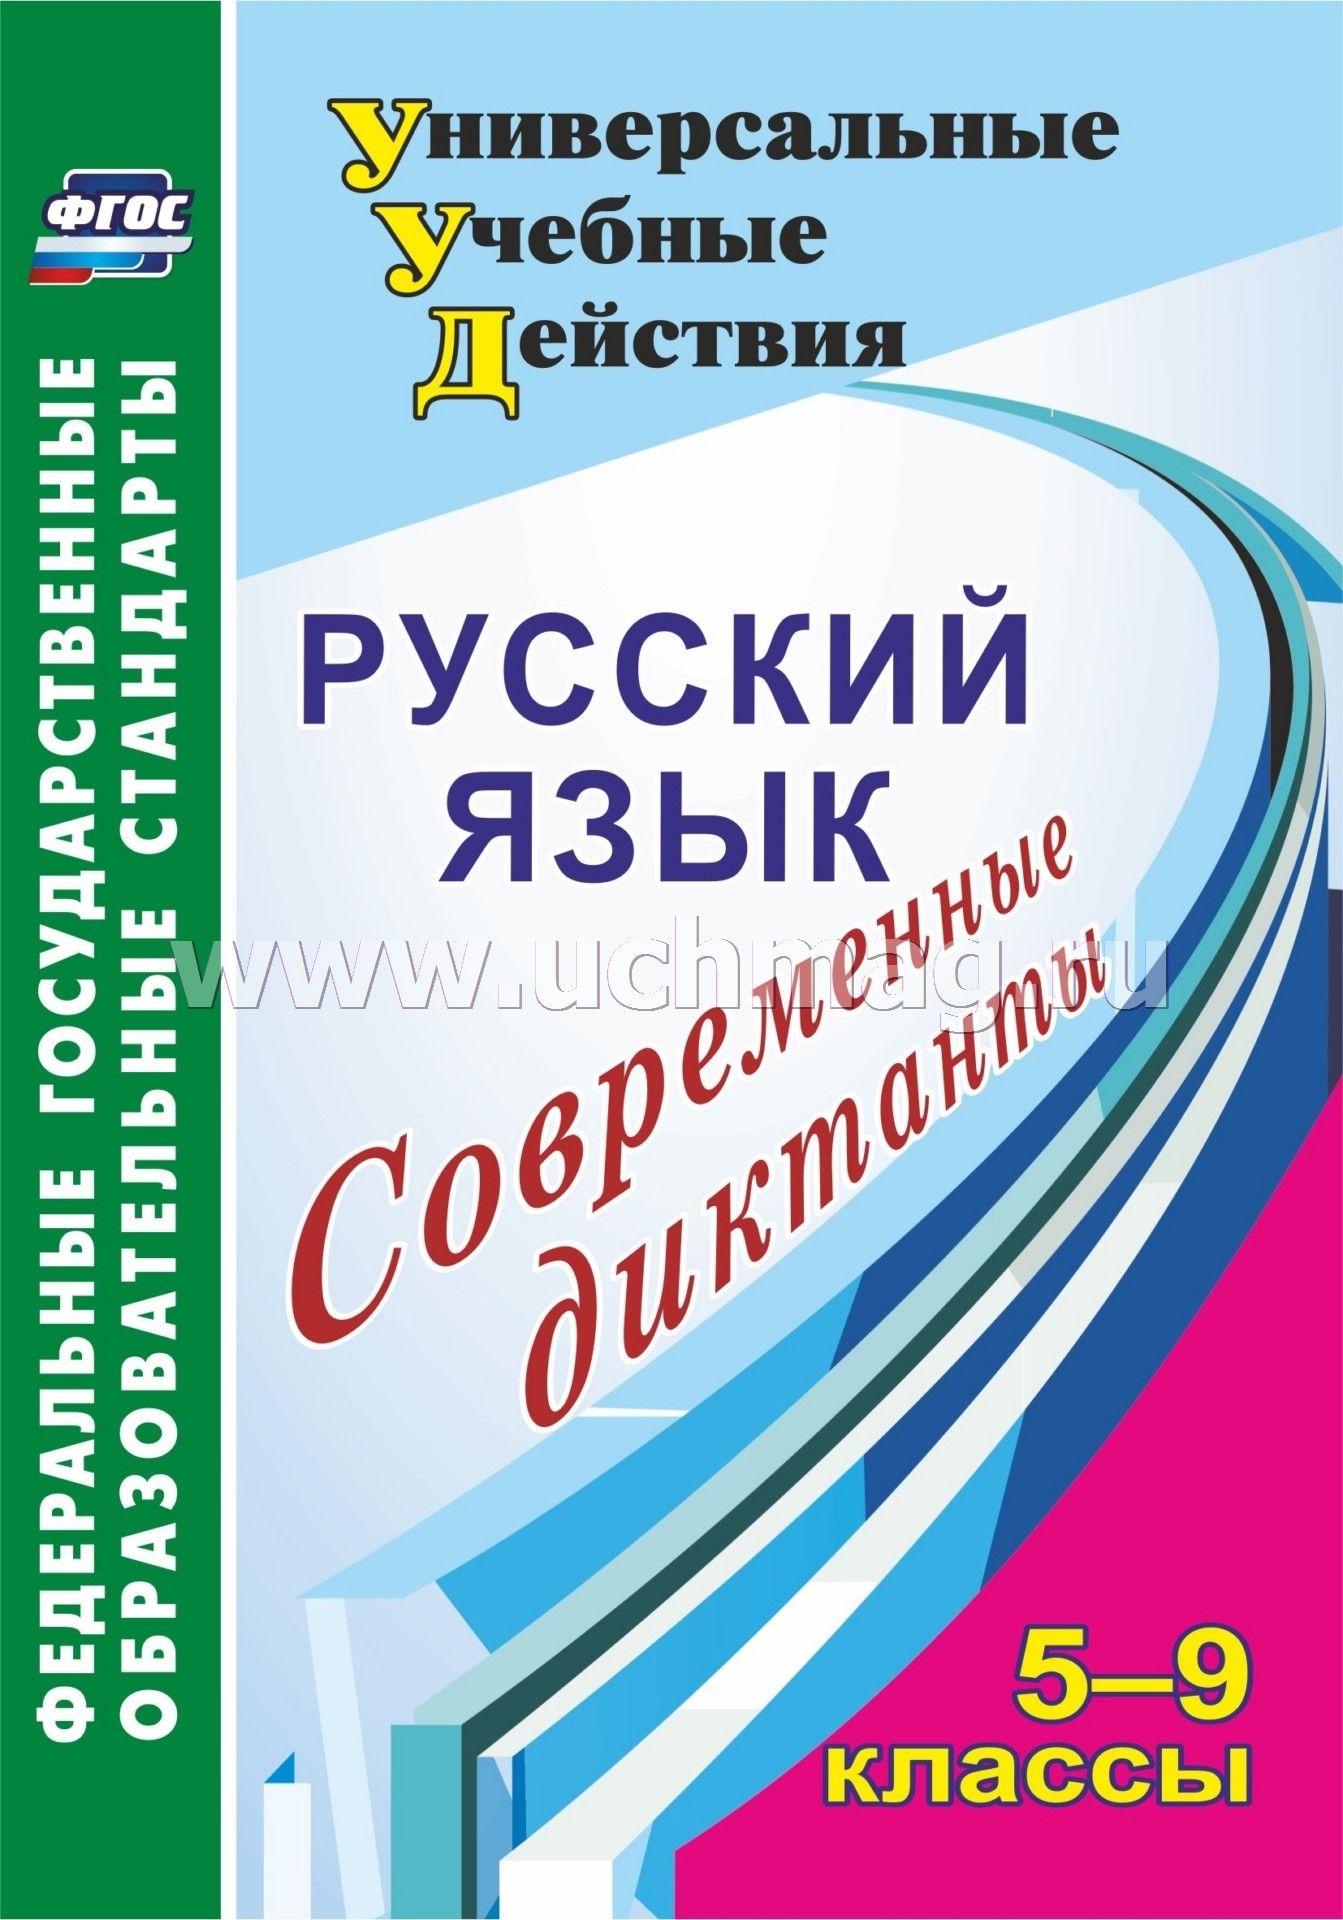 Программа по рускому языку 5-9 классы в соответсвии с требованиями фгос